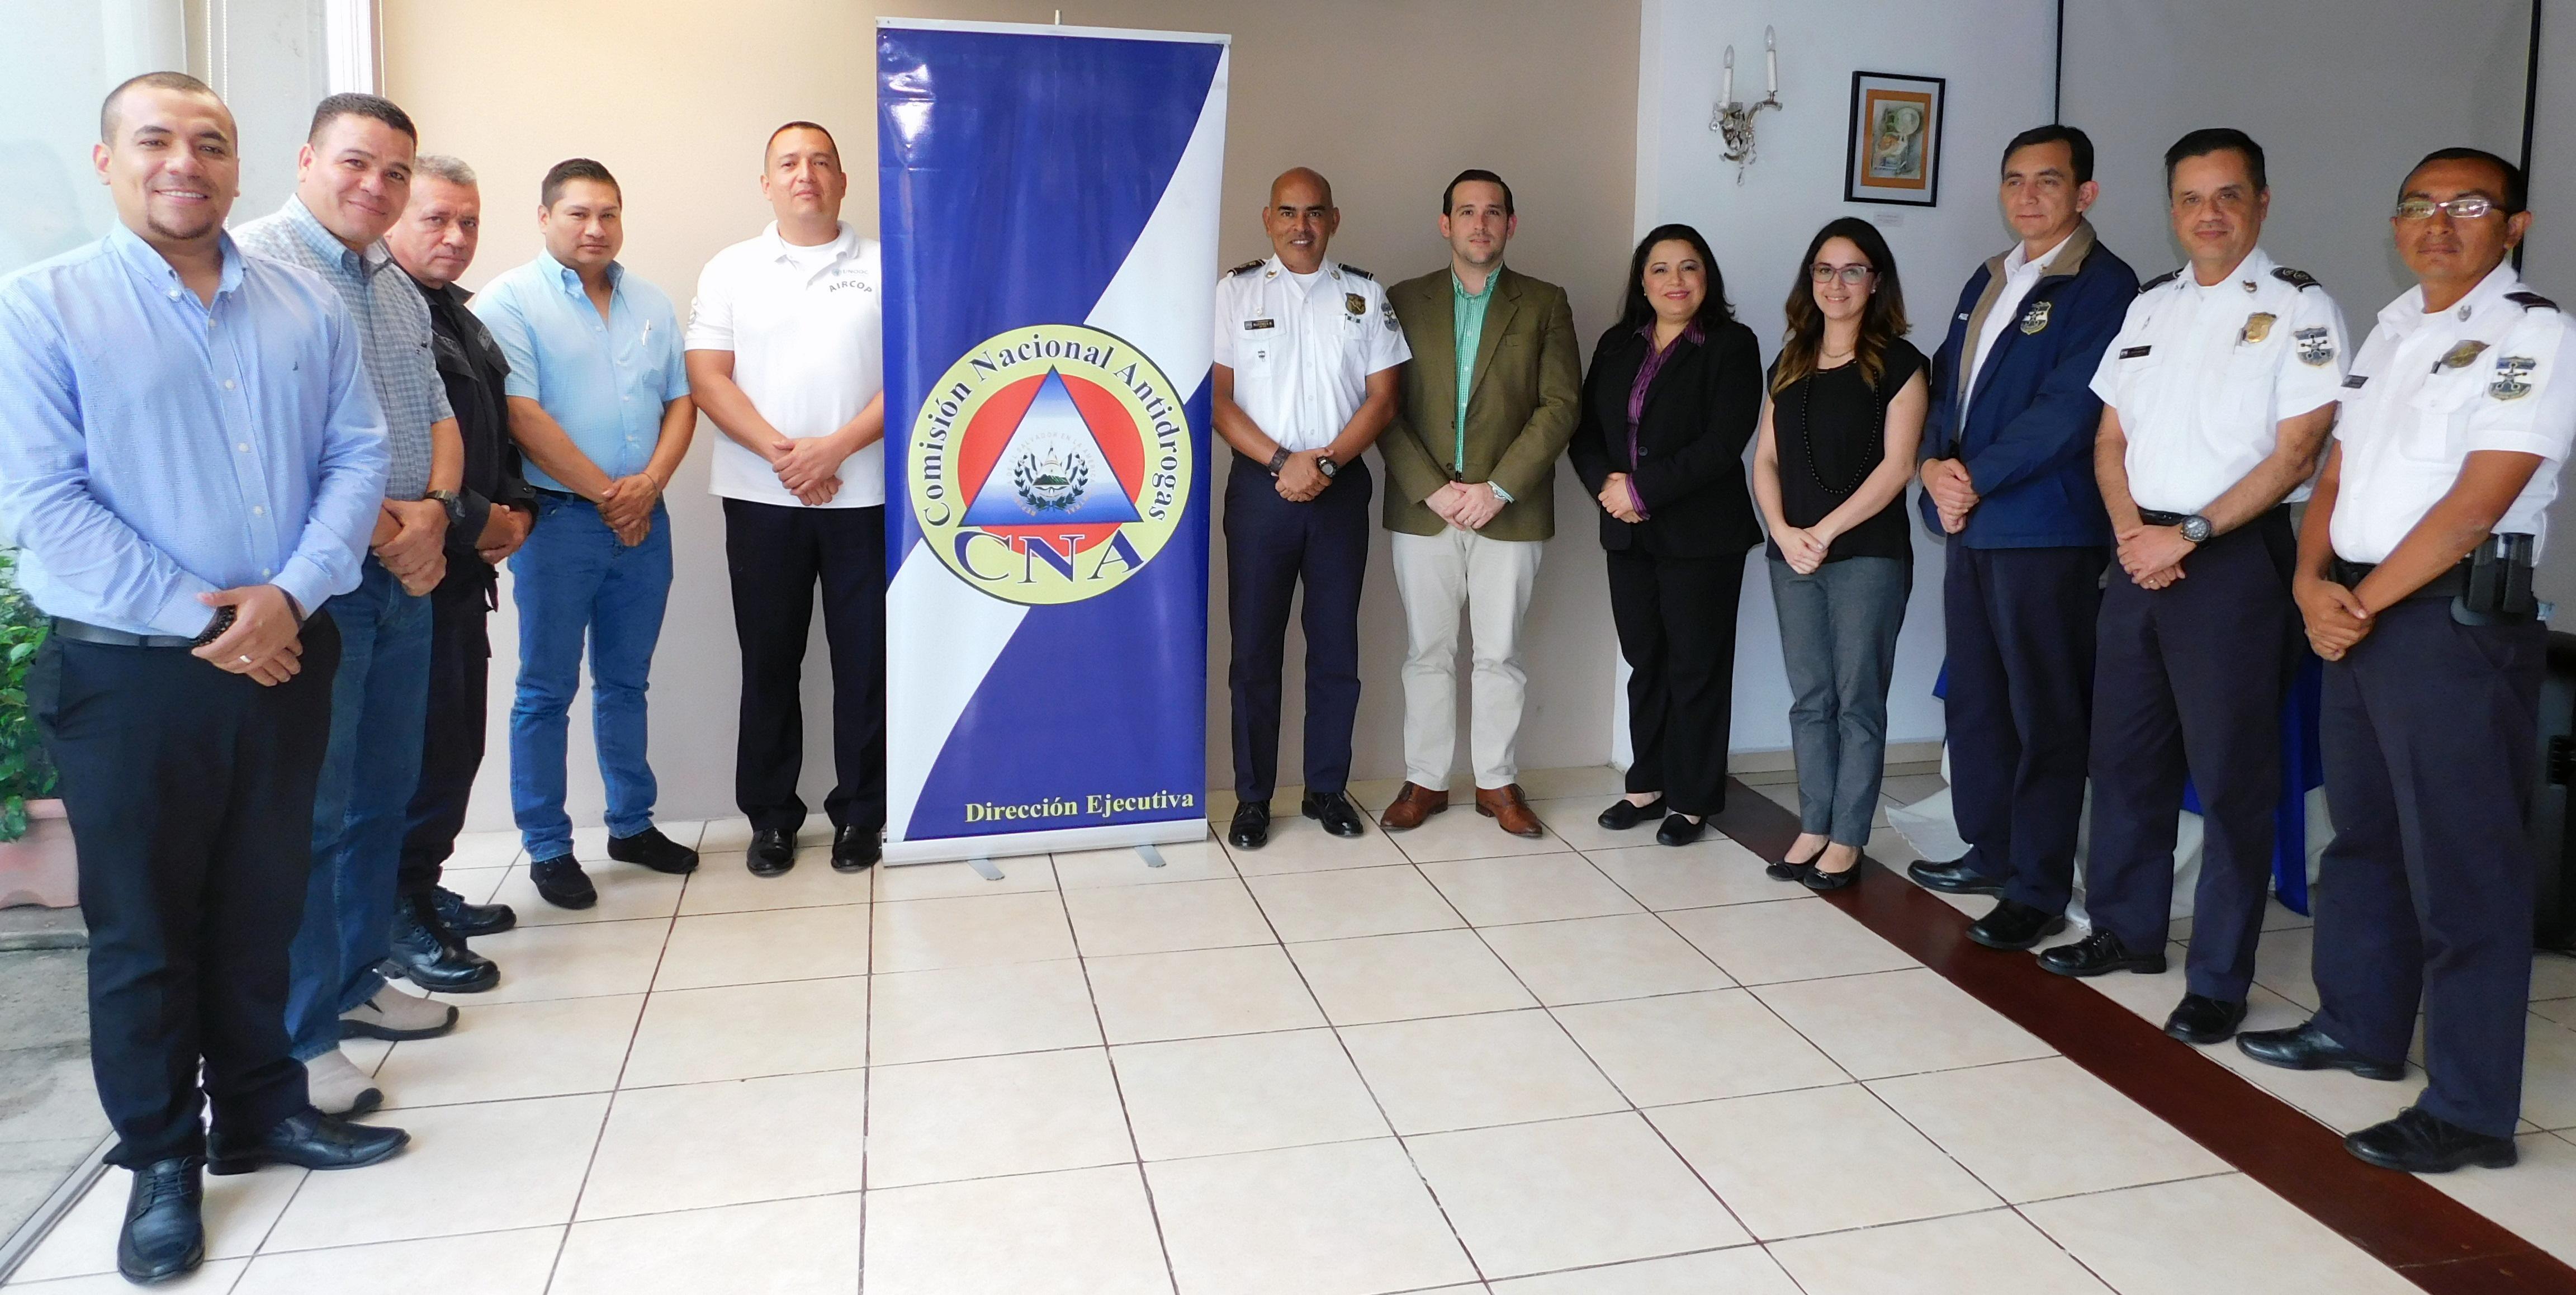 La CNA se reúne con jefes policiales del Proyecto AIRCOP